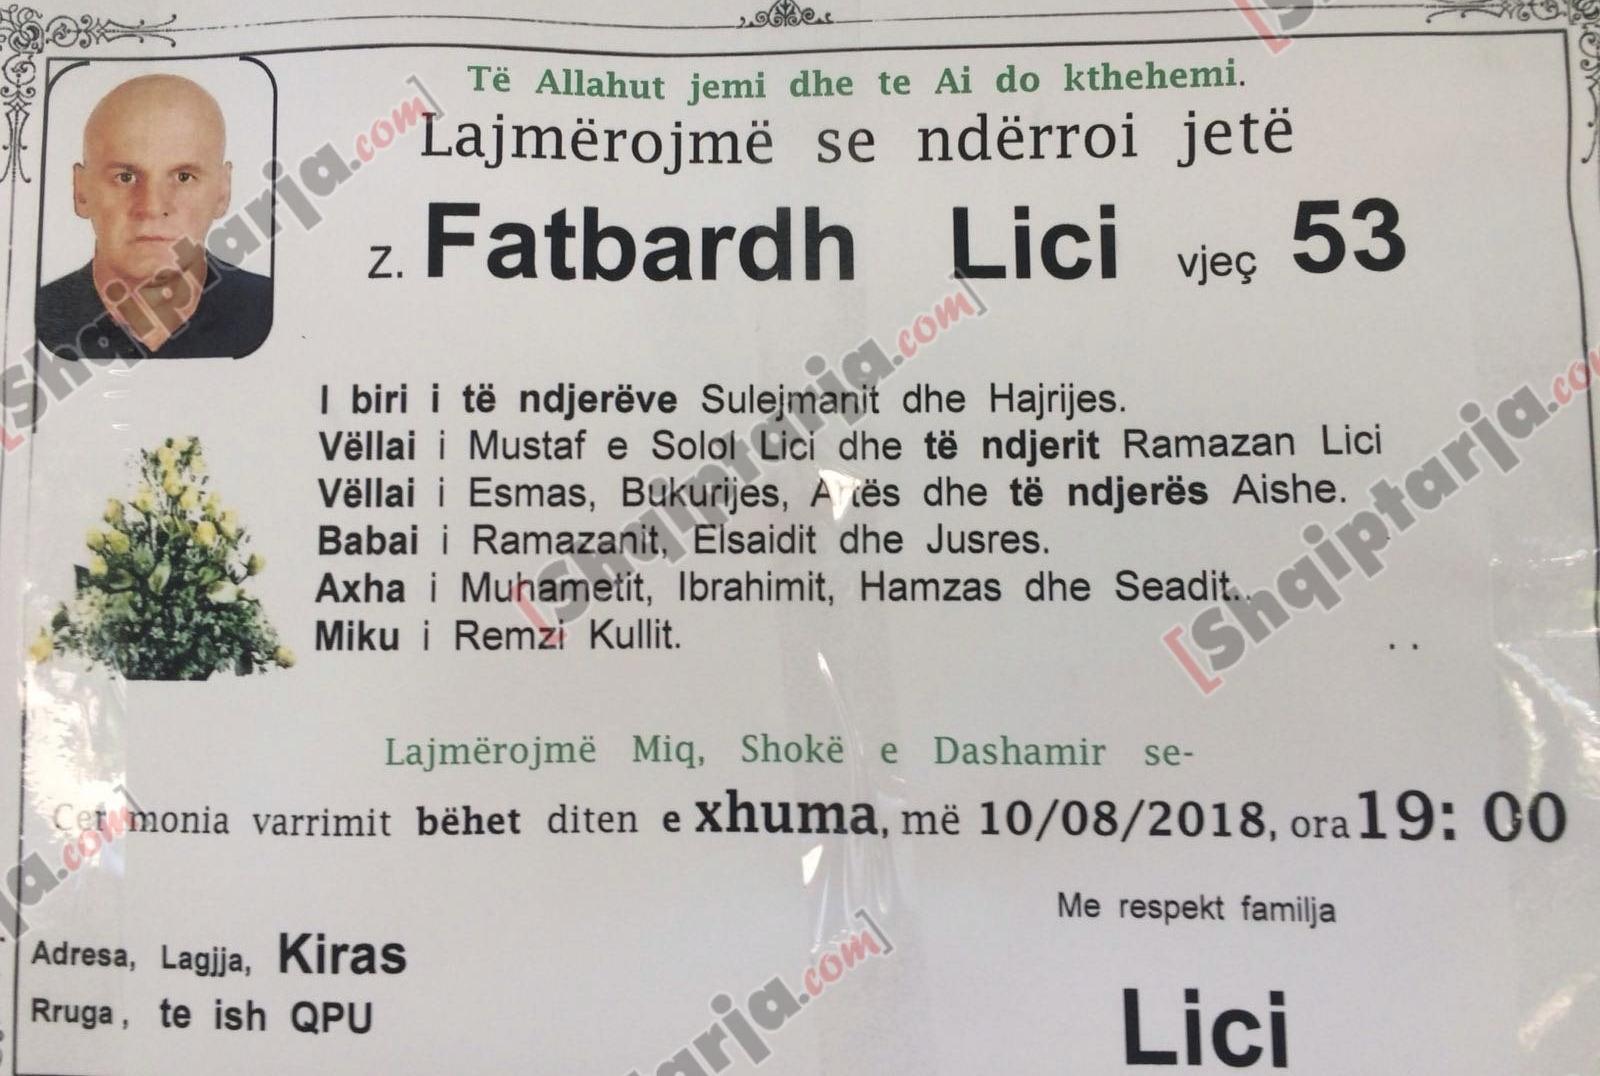 Fatbardth Lici